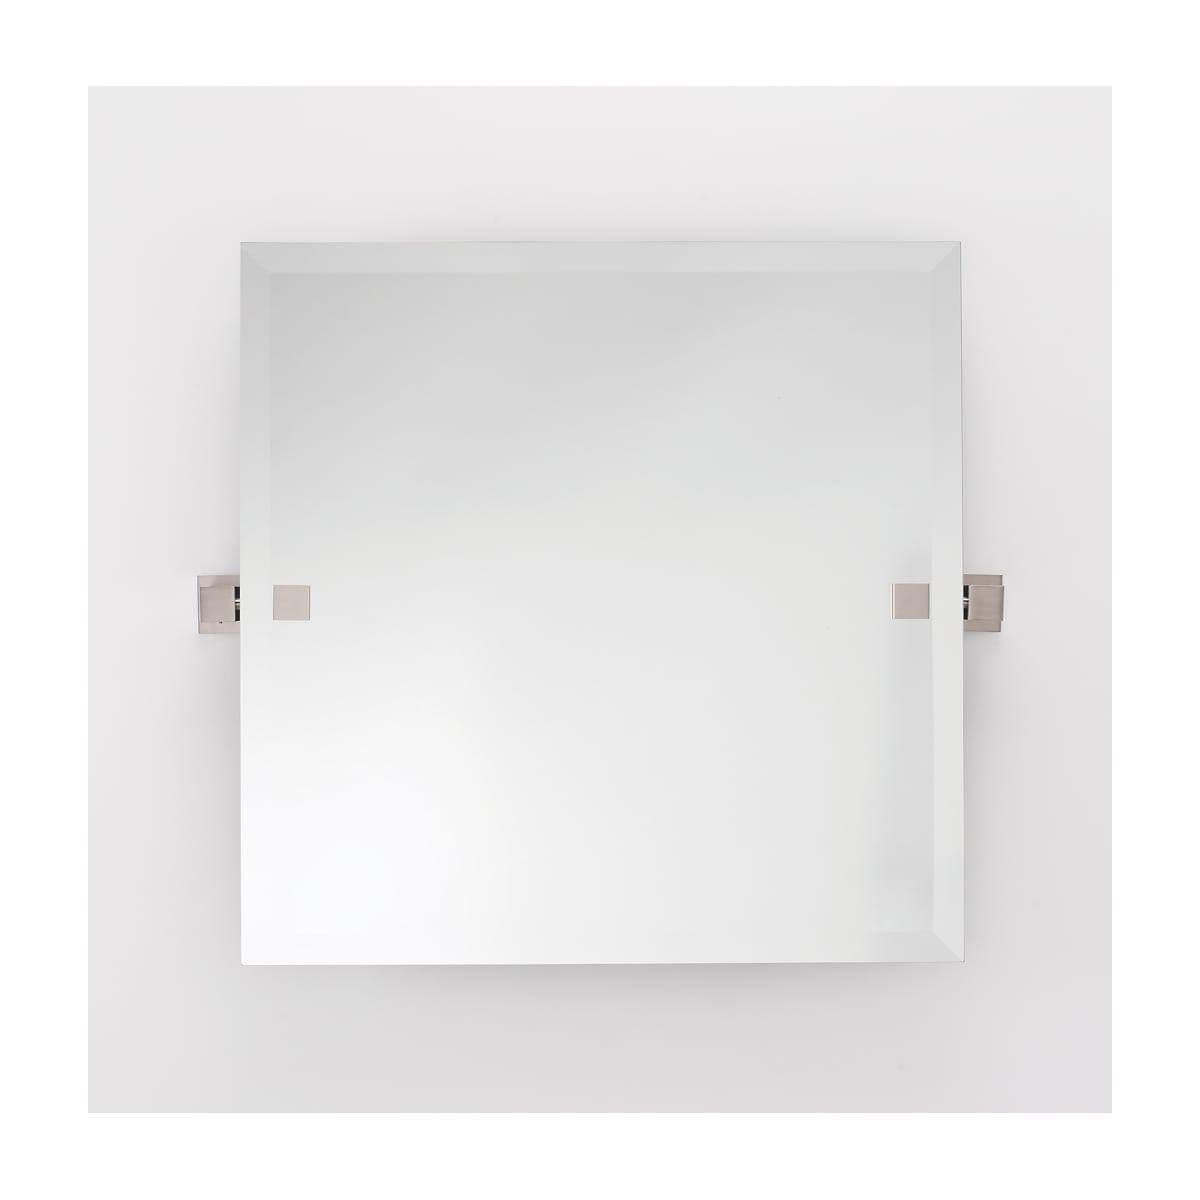 Alno 24 x 24 Inch Frameless Square Mirror